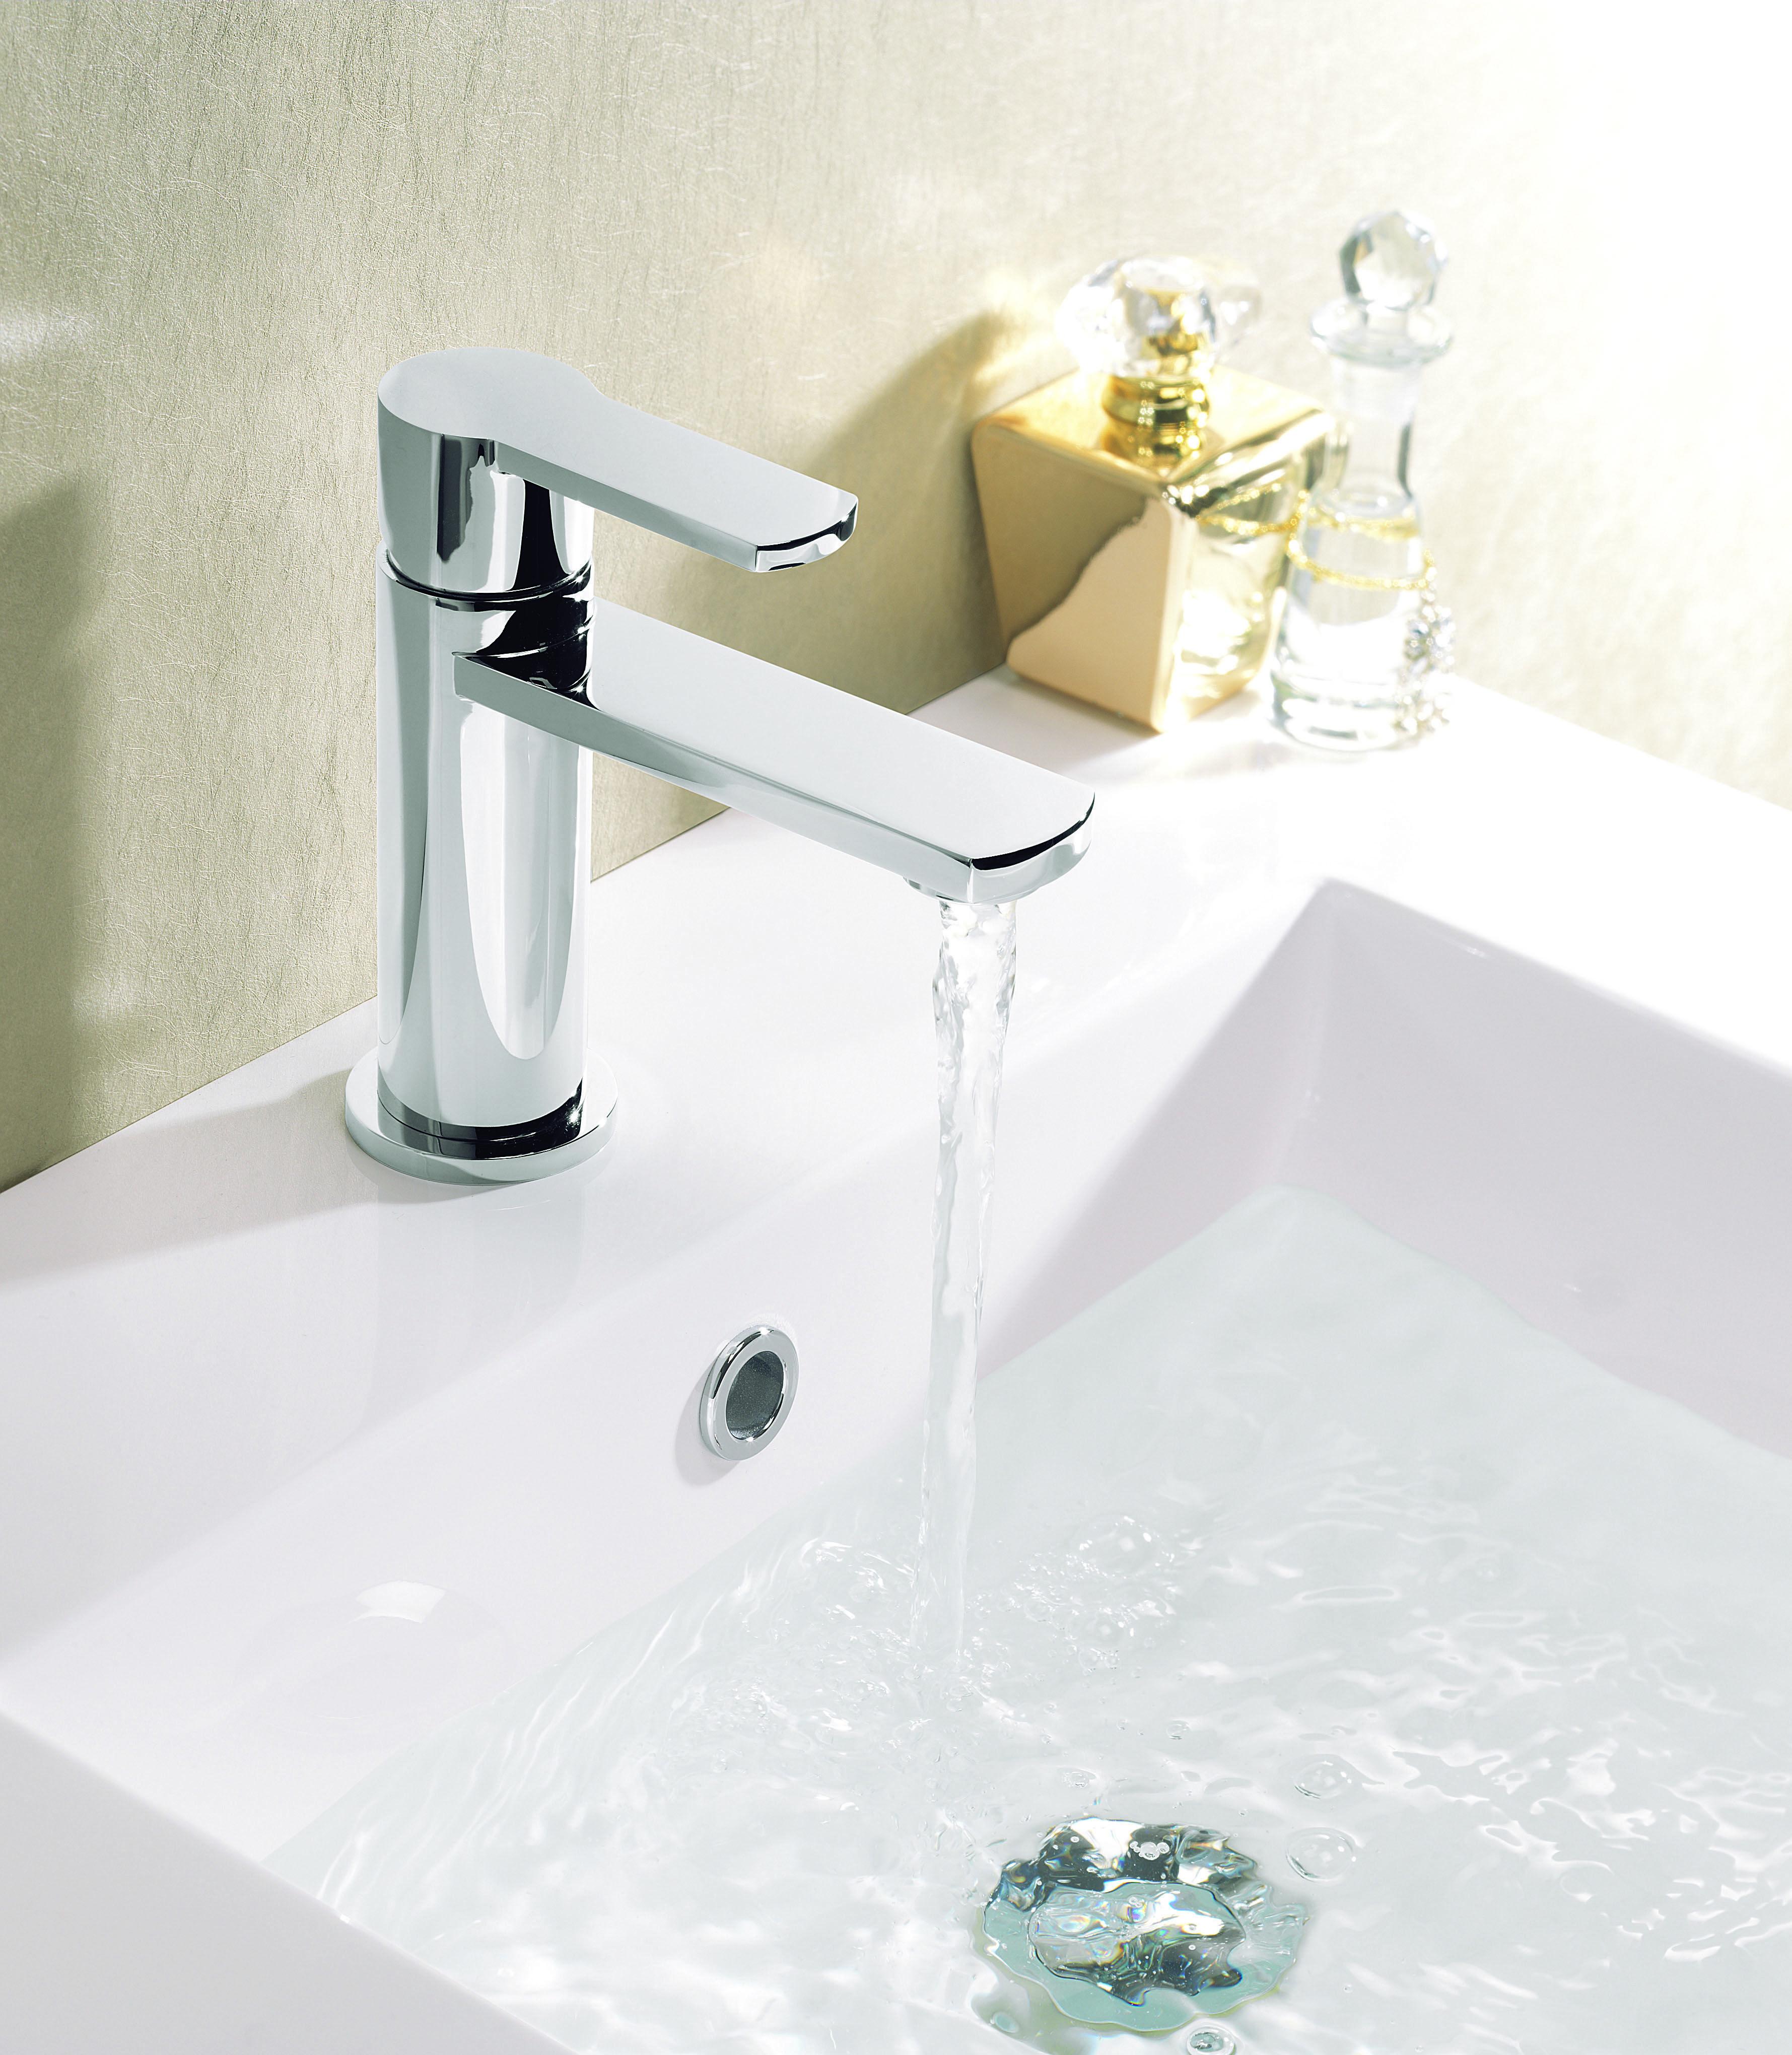 Wisp Monobloc Bathroom Basin Tap from Crosswater http://www ...